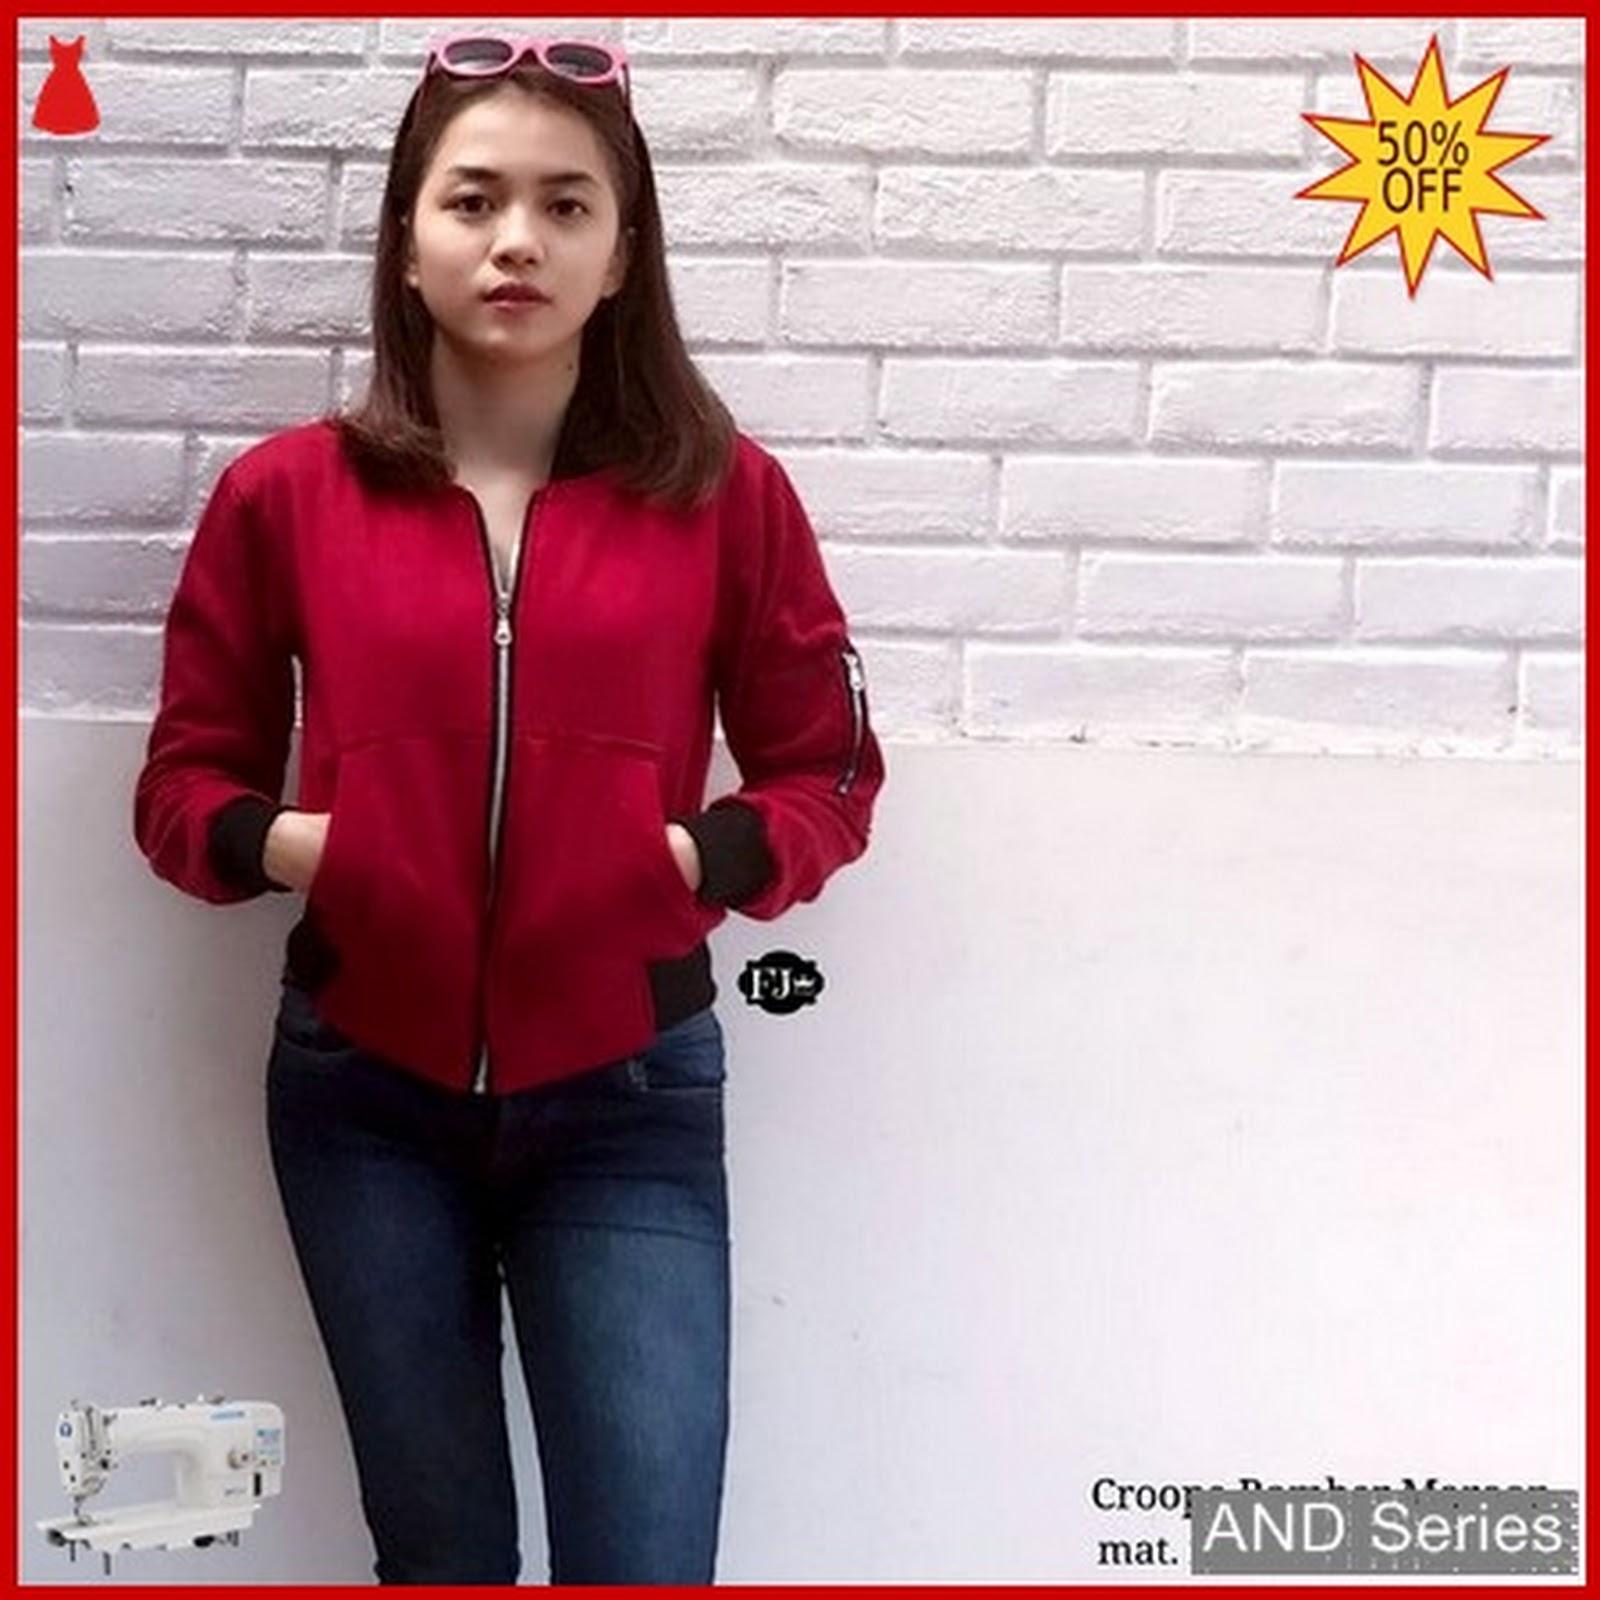 AND232 Jaket Wanita Bomber Crop Merah Maroon BMGShop 1976bc06c3